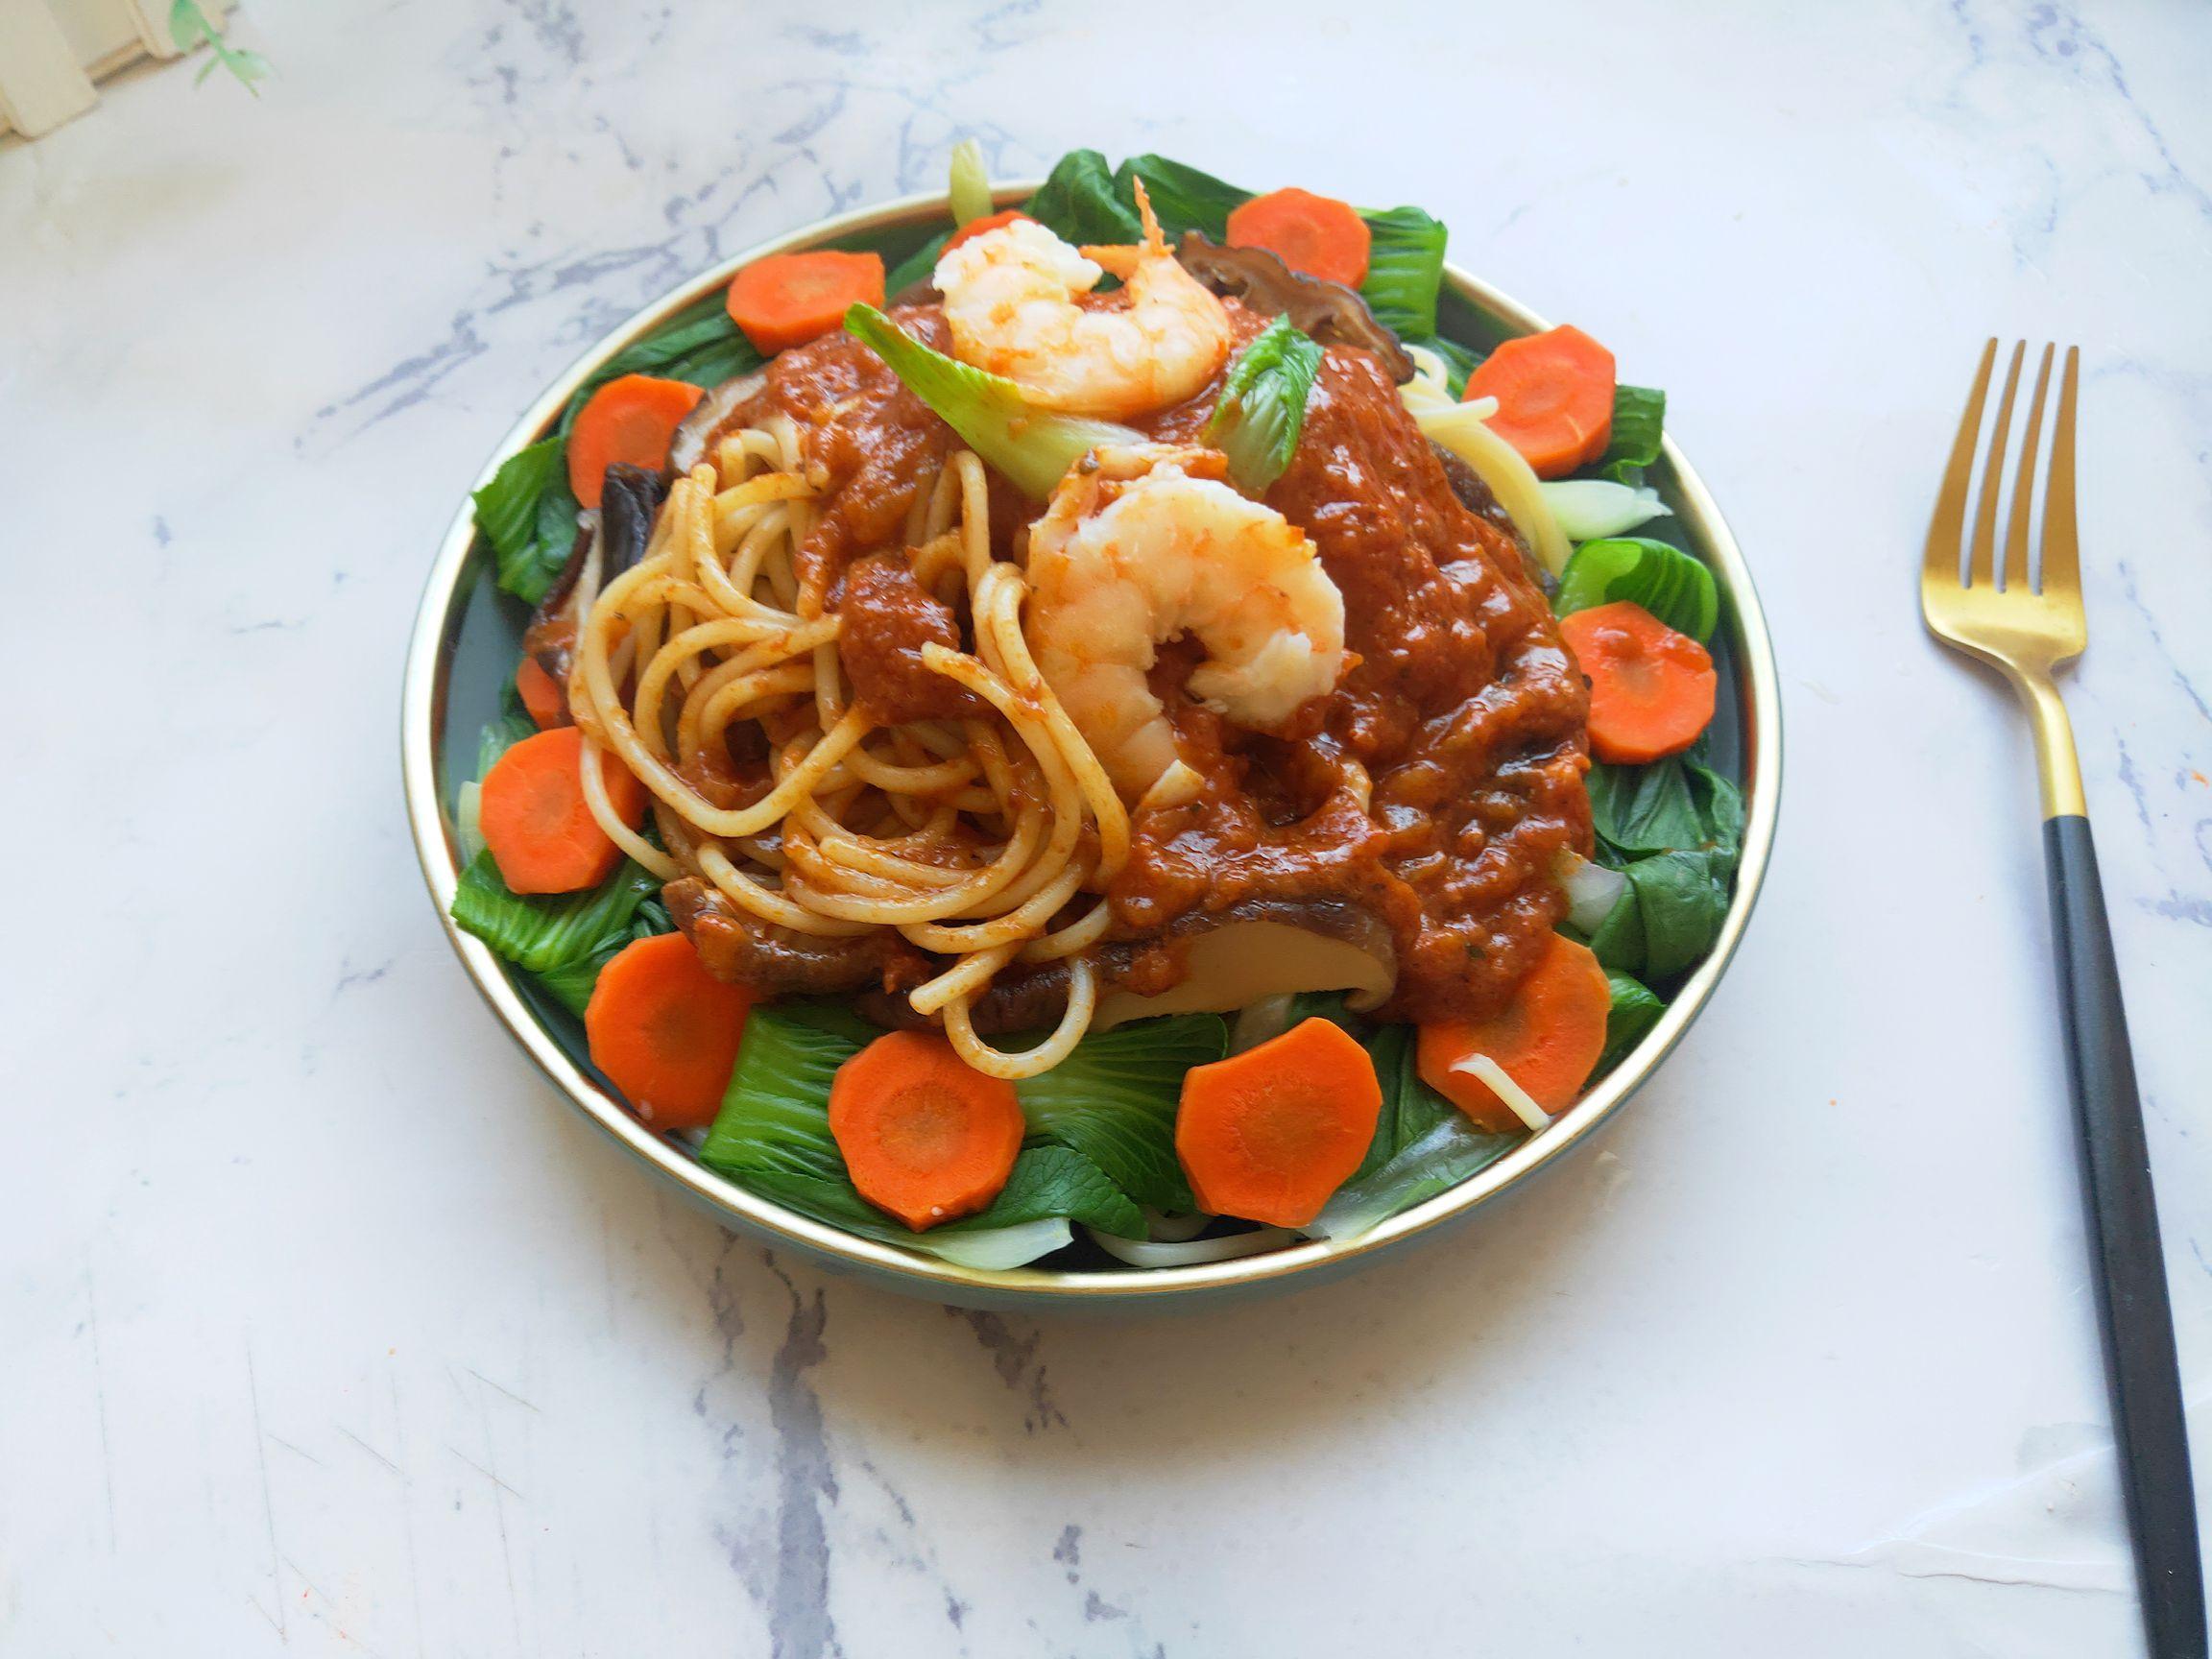 意大利肉酱鲜虾面的做法大全